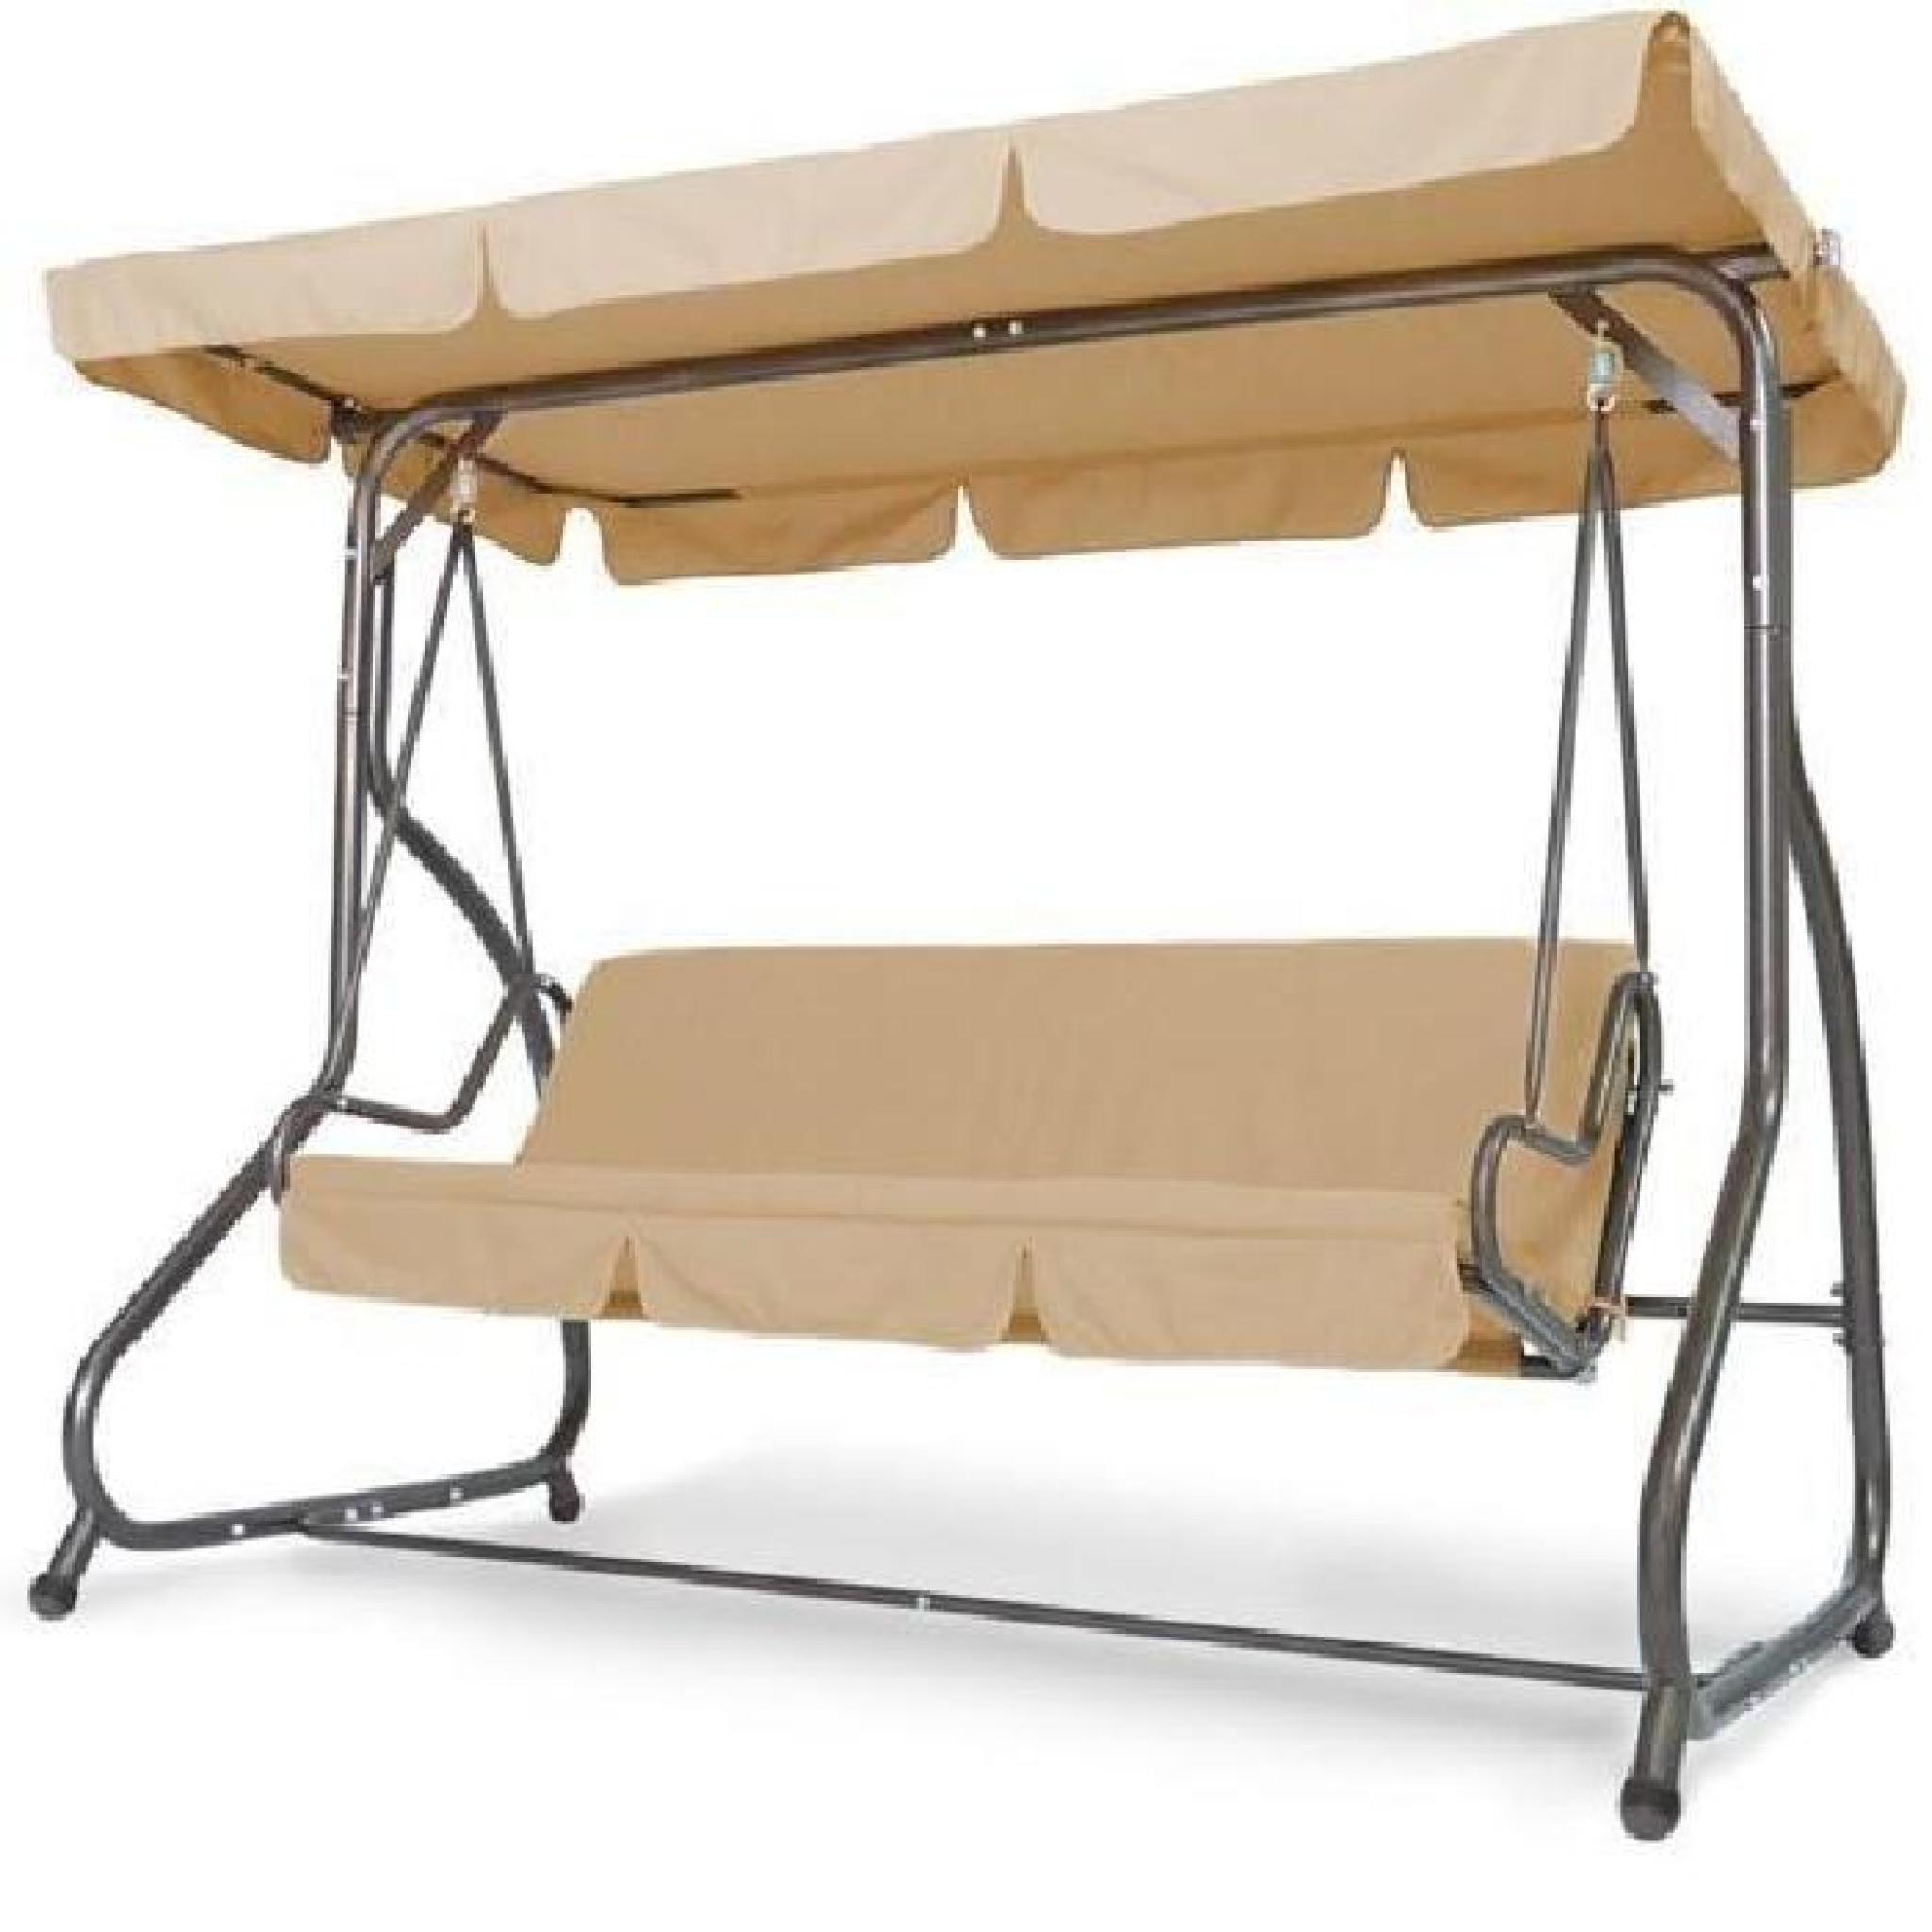 balancelle en acier avec toile cappuccino 218 cm achat vente balancelle de jardin pas cher. Black Bedroom Furniture Sets. Home Design Ideas